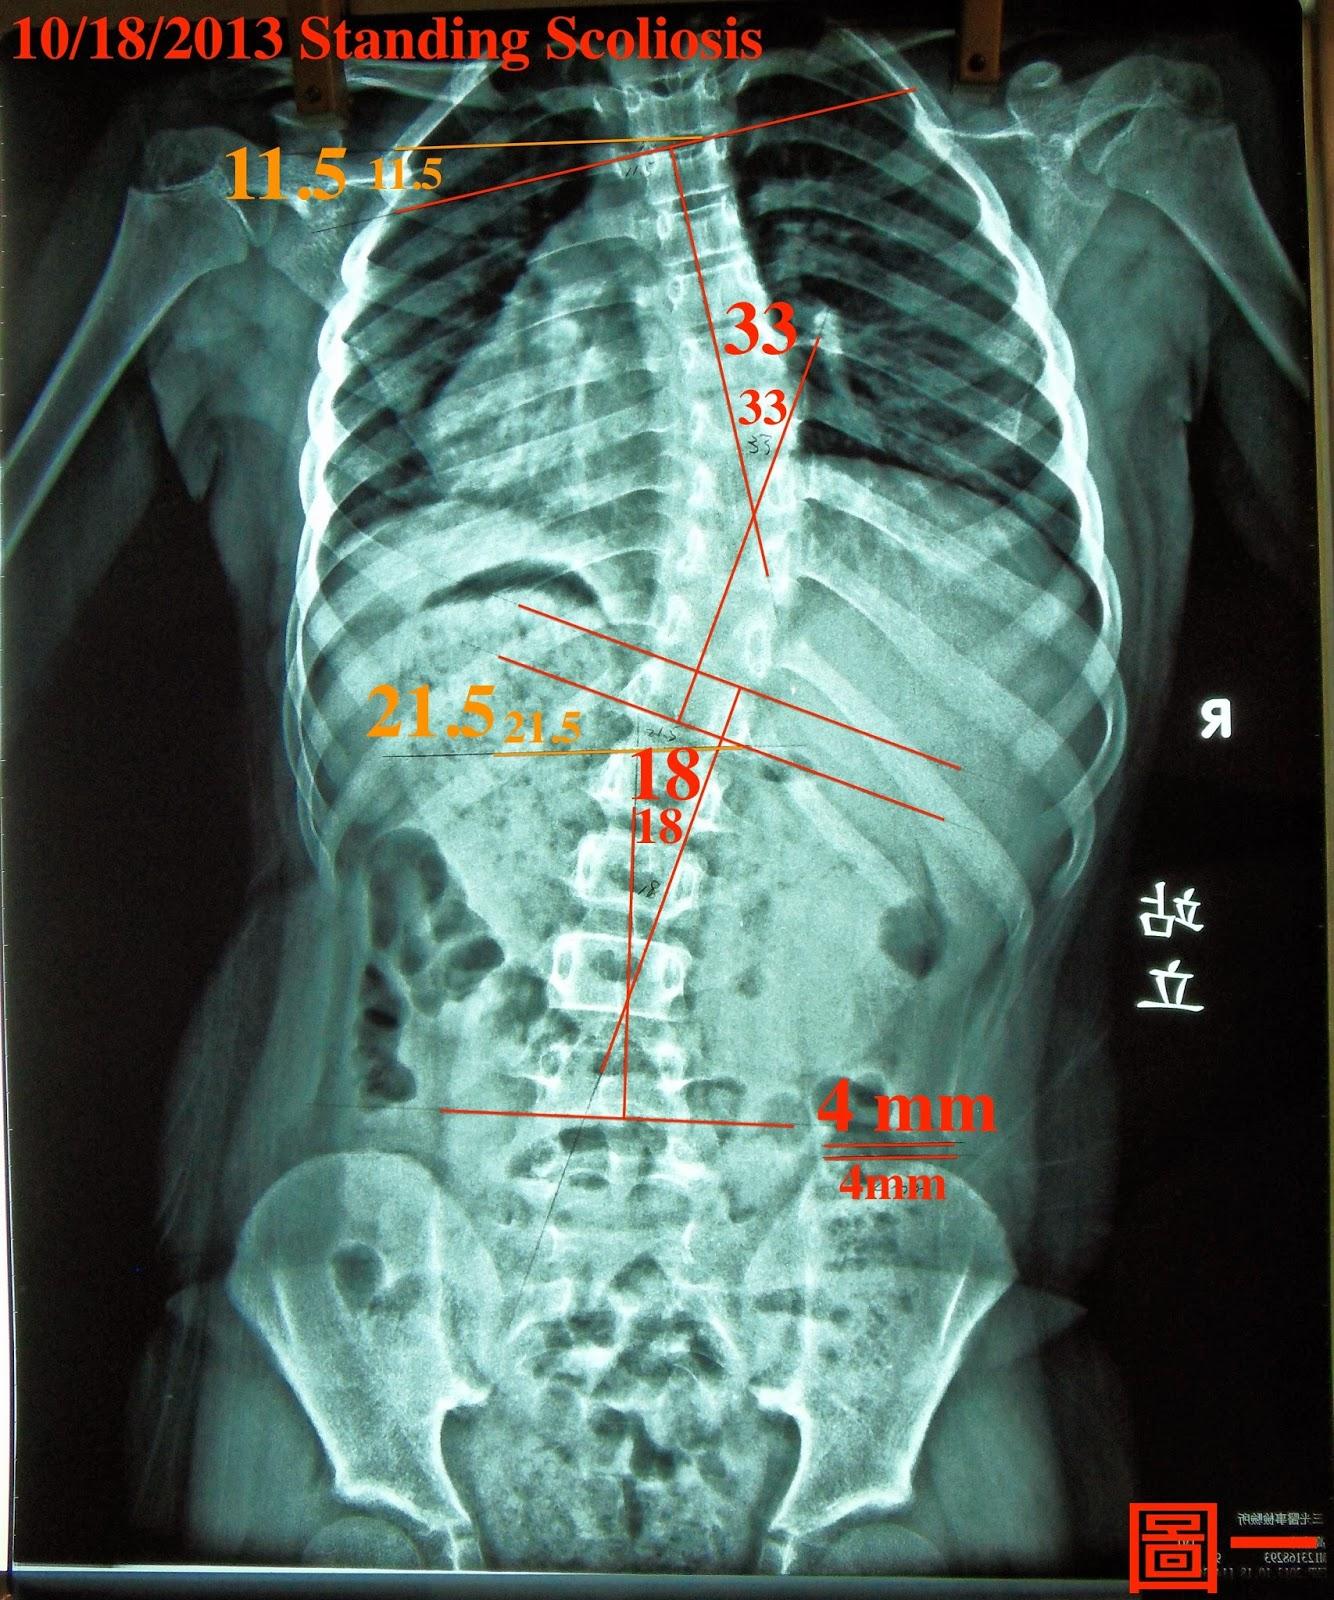 脊椎側彎矯正案例8 - 10歲治療七週成果:33~15.5度 - 閻曉華脊骨神經醫學網